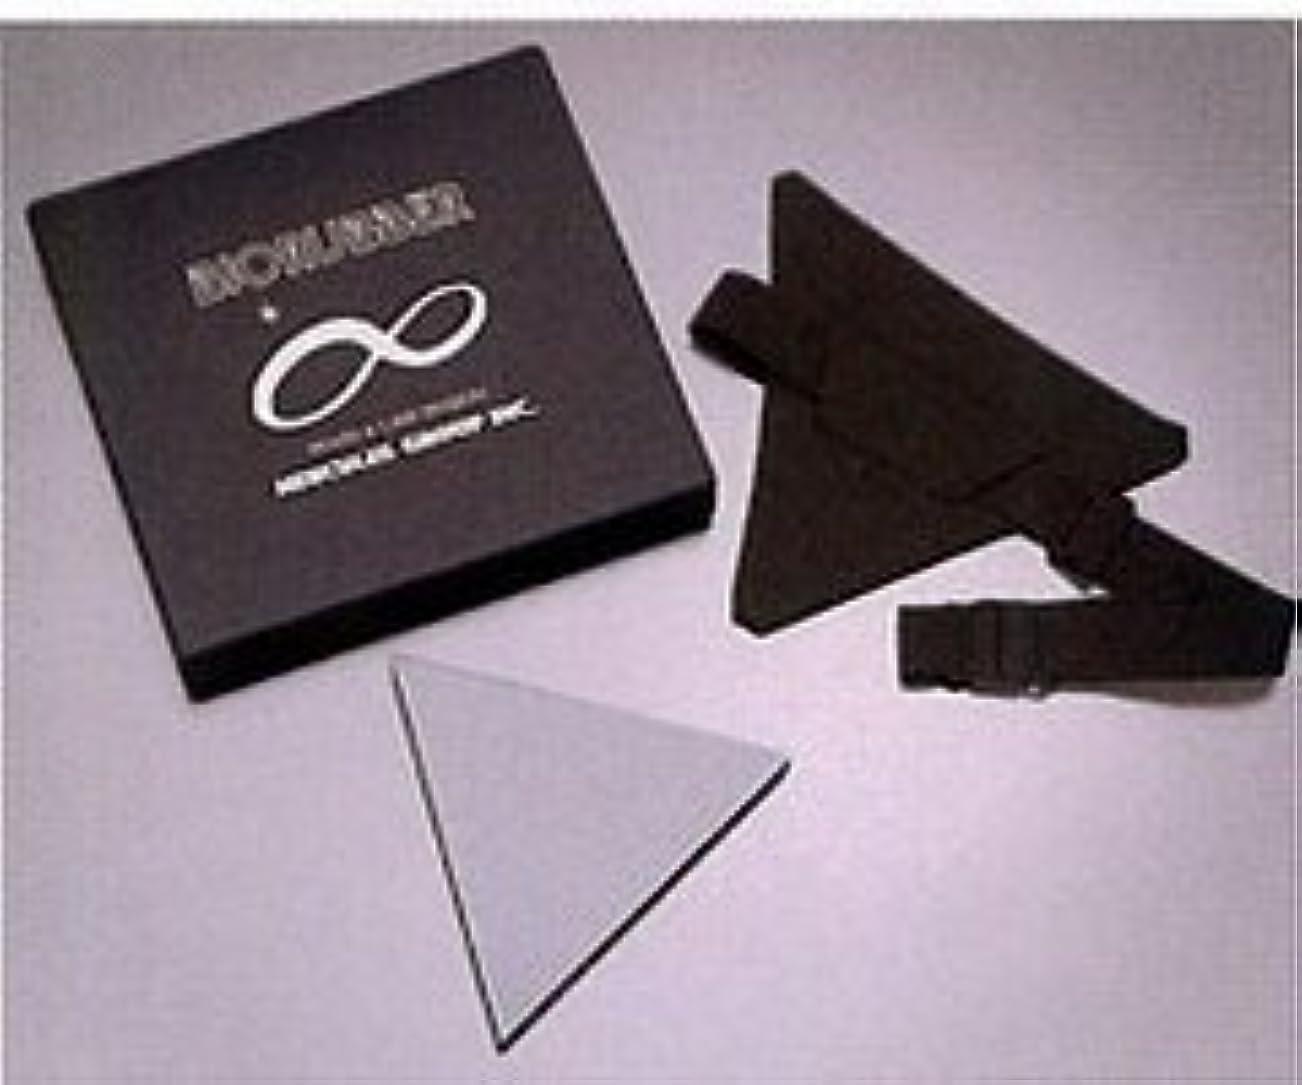 ゴムショートカット振動する◆バイオラバー Pタイプ(8mm?3倍厚?専用カバー付き) マッサージに最適なハンディタイプ! 山本化学工業